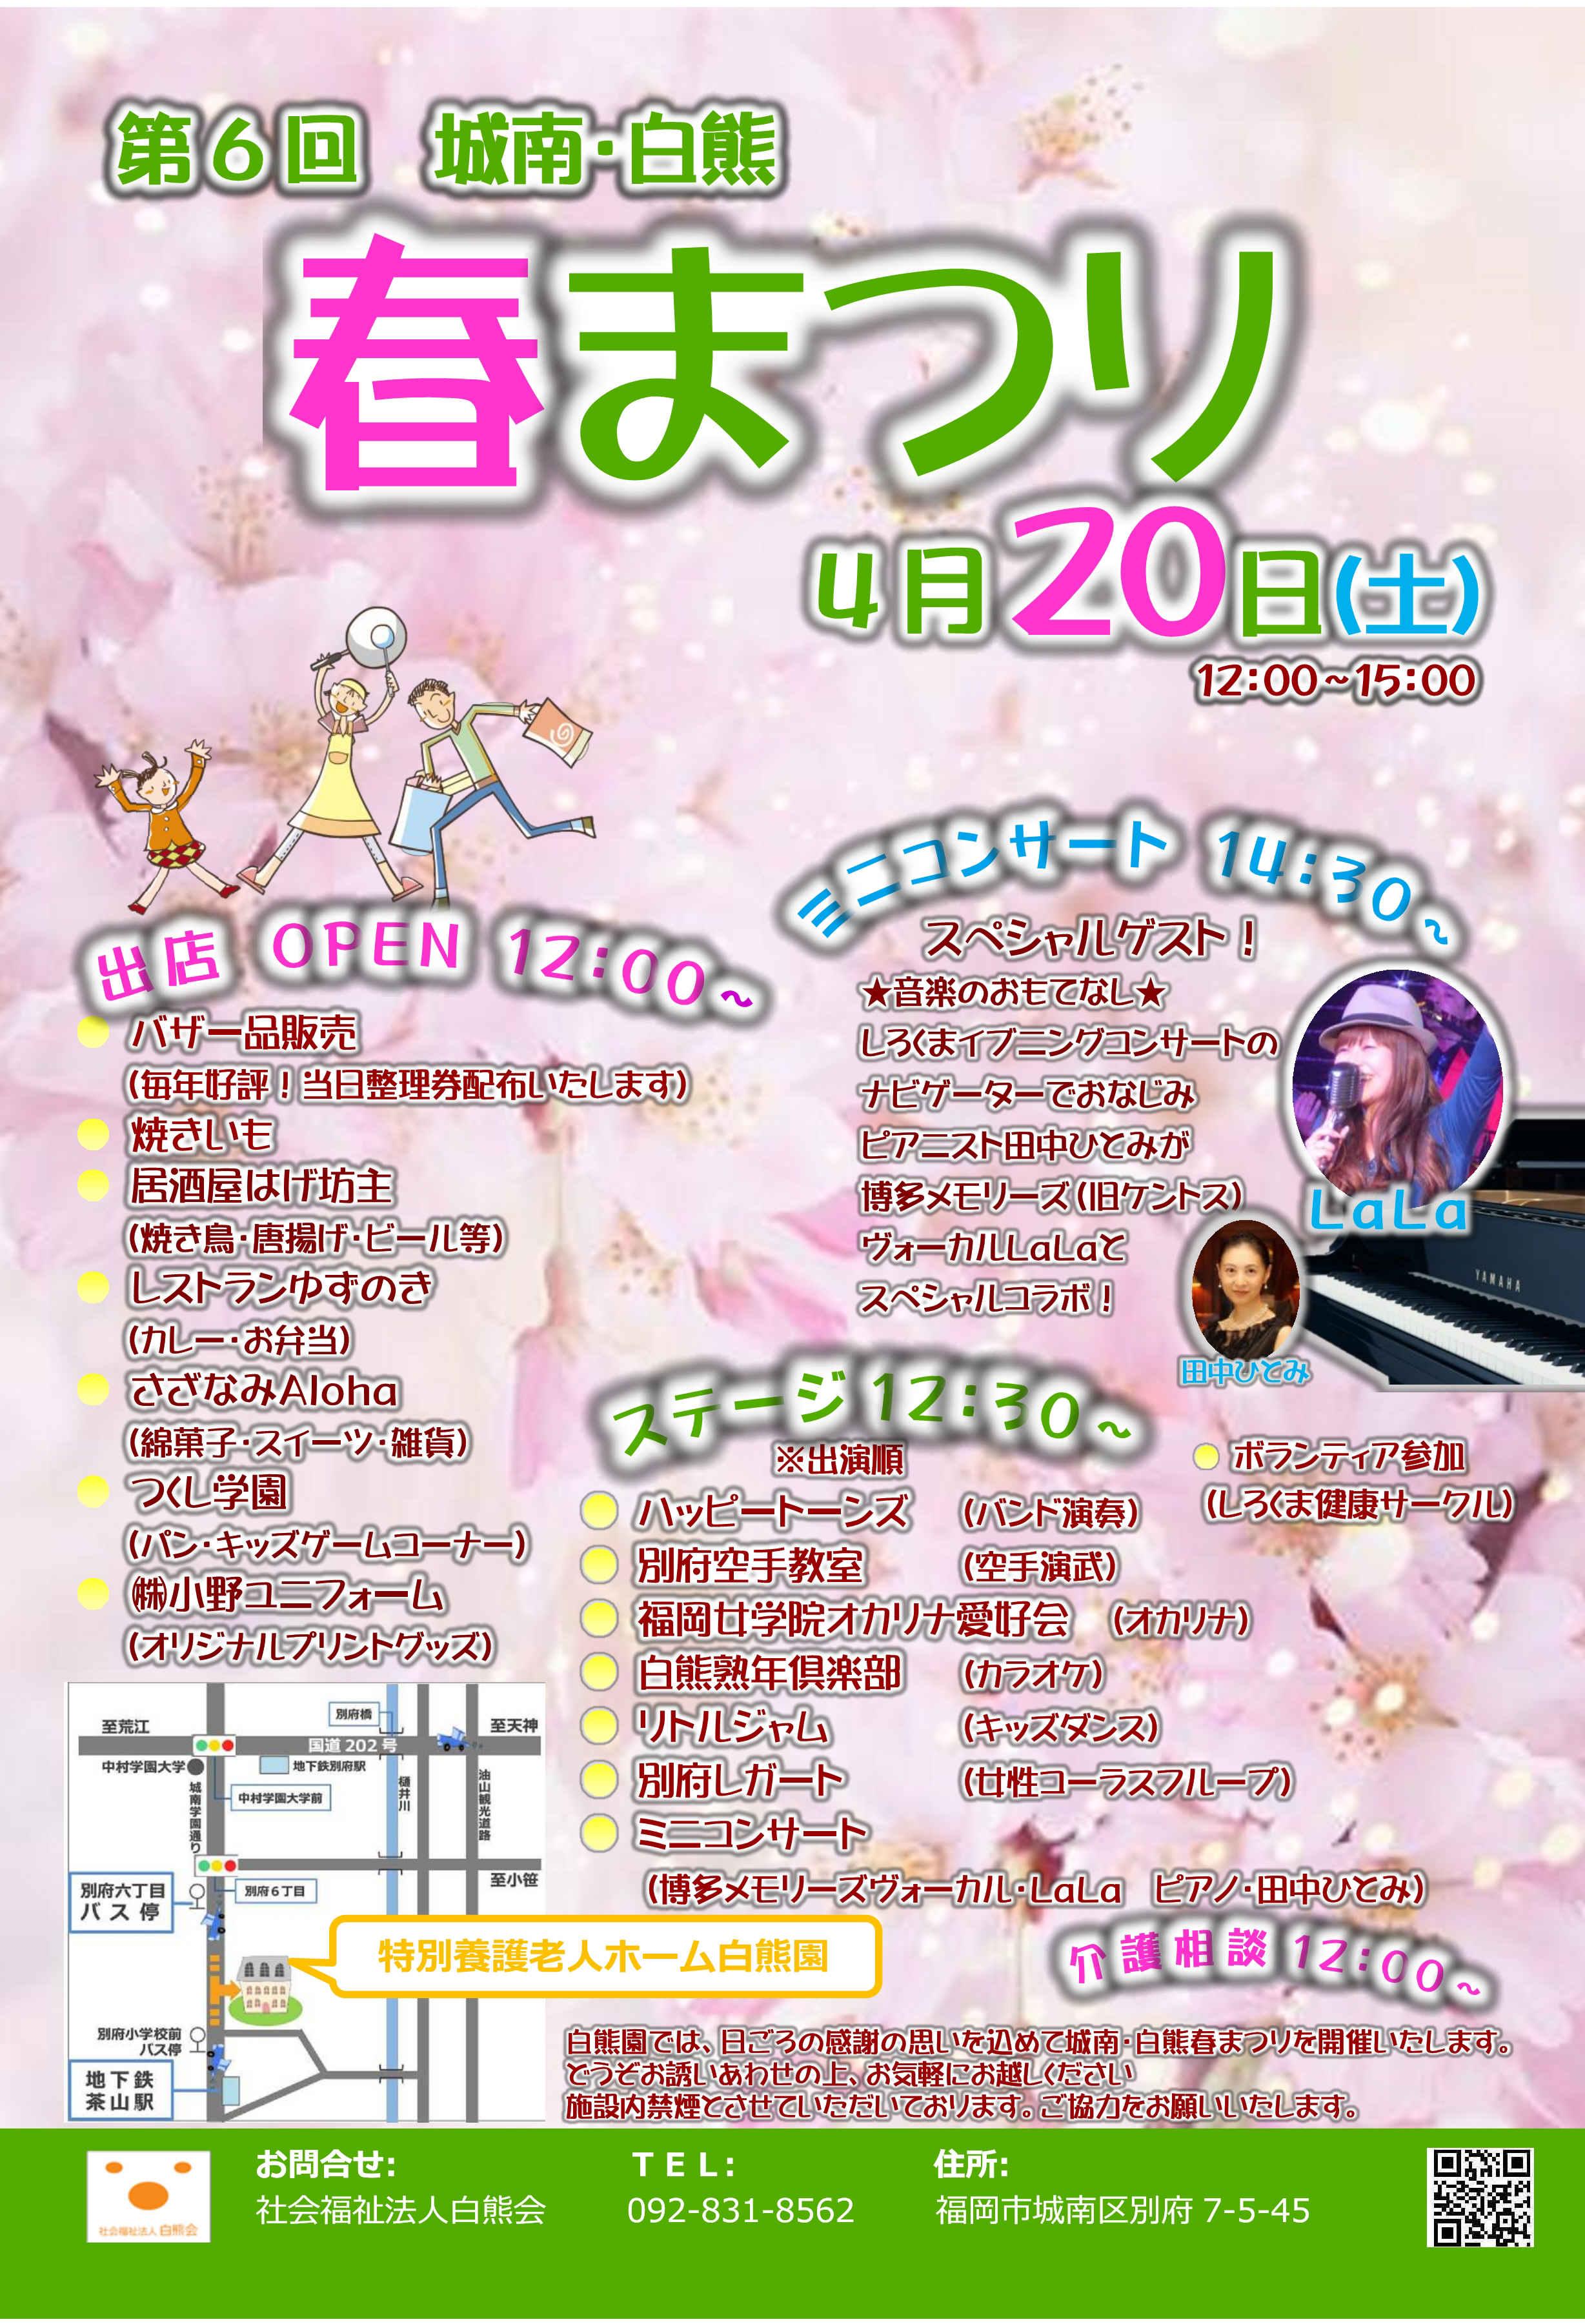 第6回 城南・白熊春祭り開催!イメージ